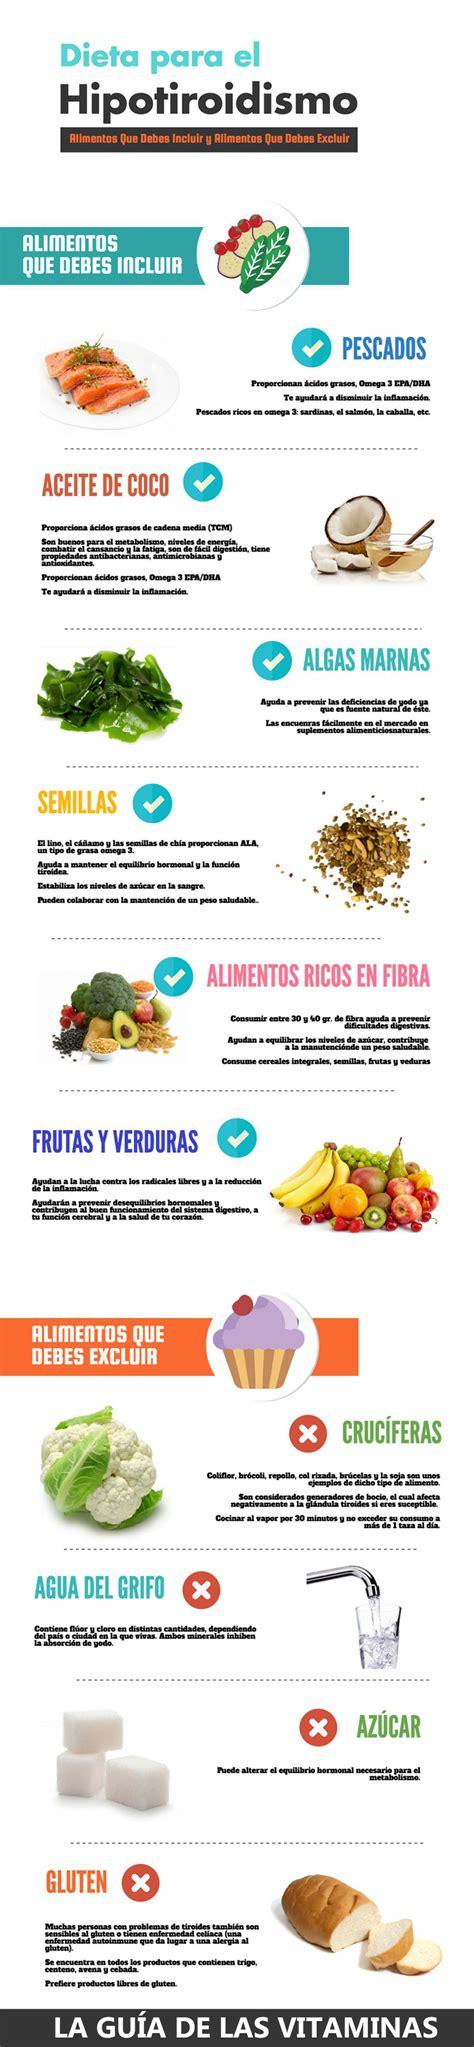 alimentos para el hipotiroidismo dieta para el hipotiroidismo y tratamiento natural la